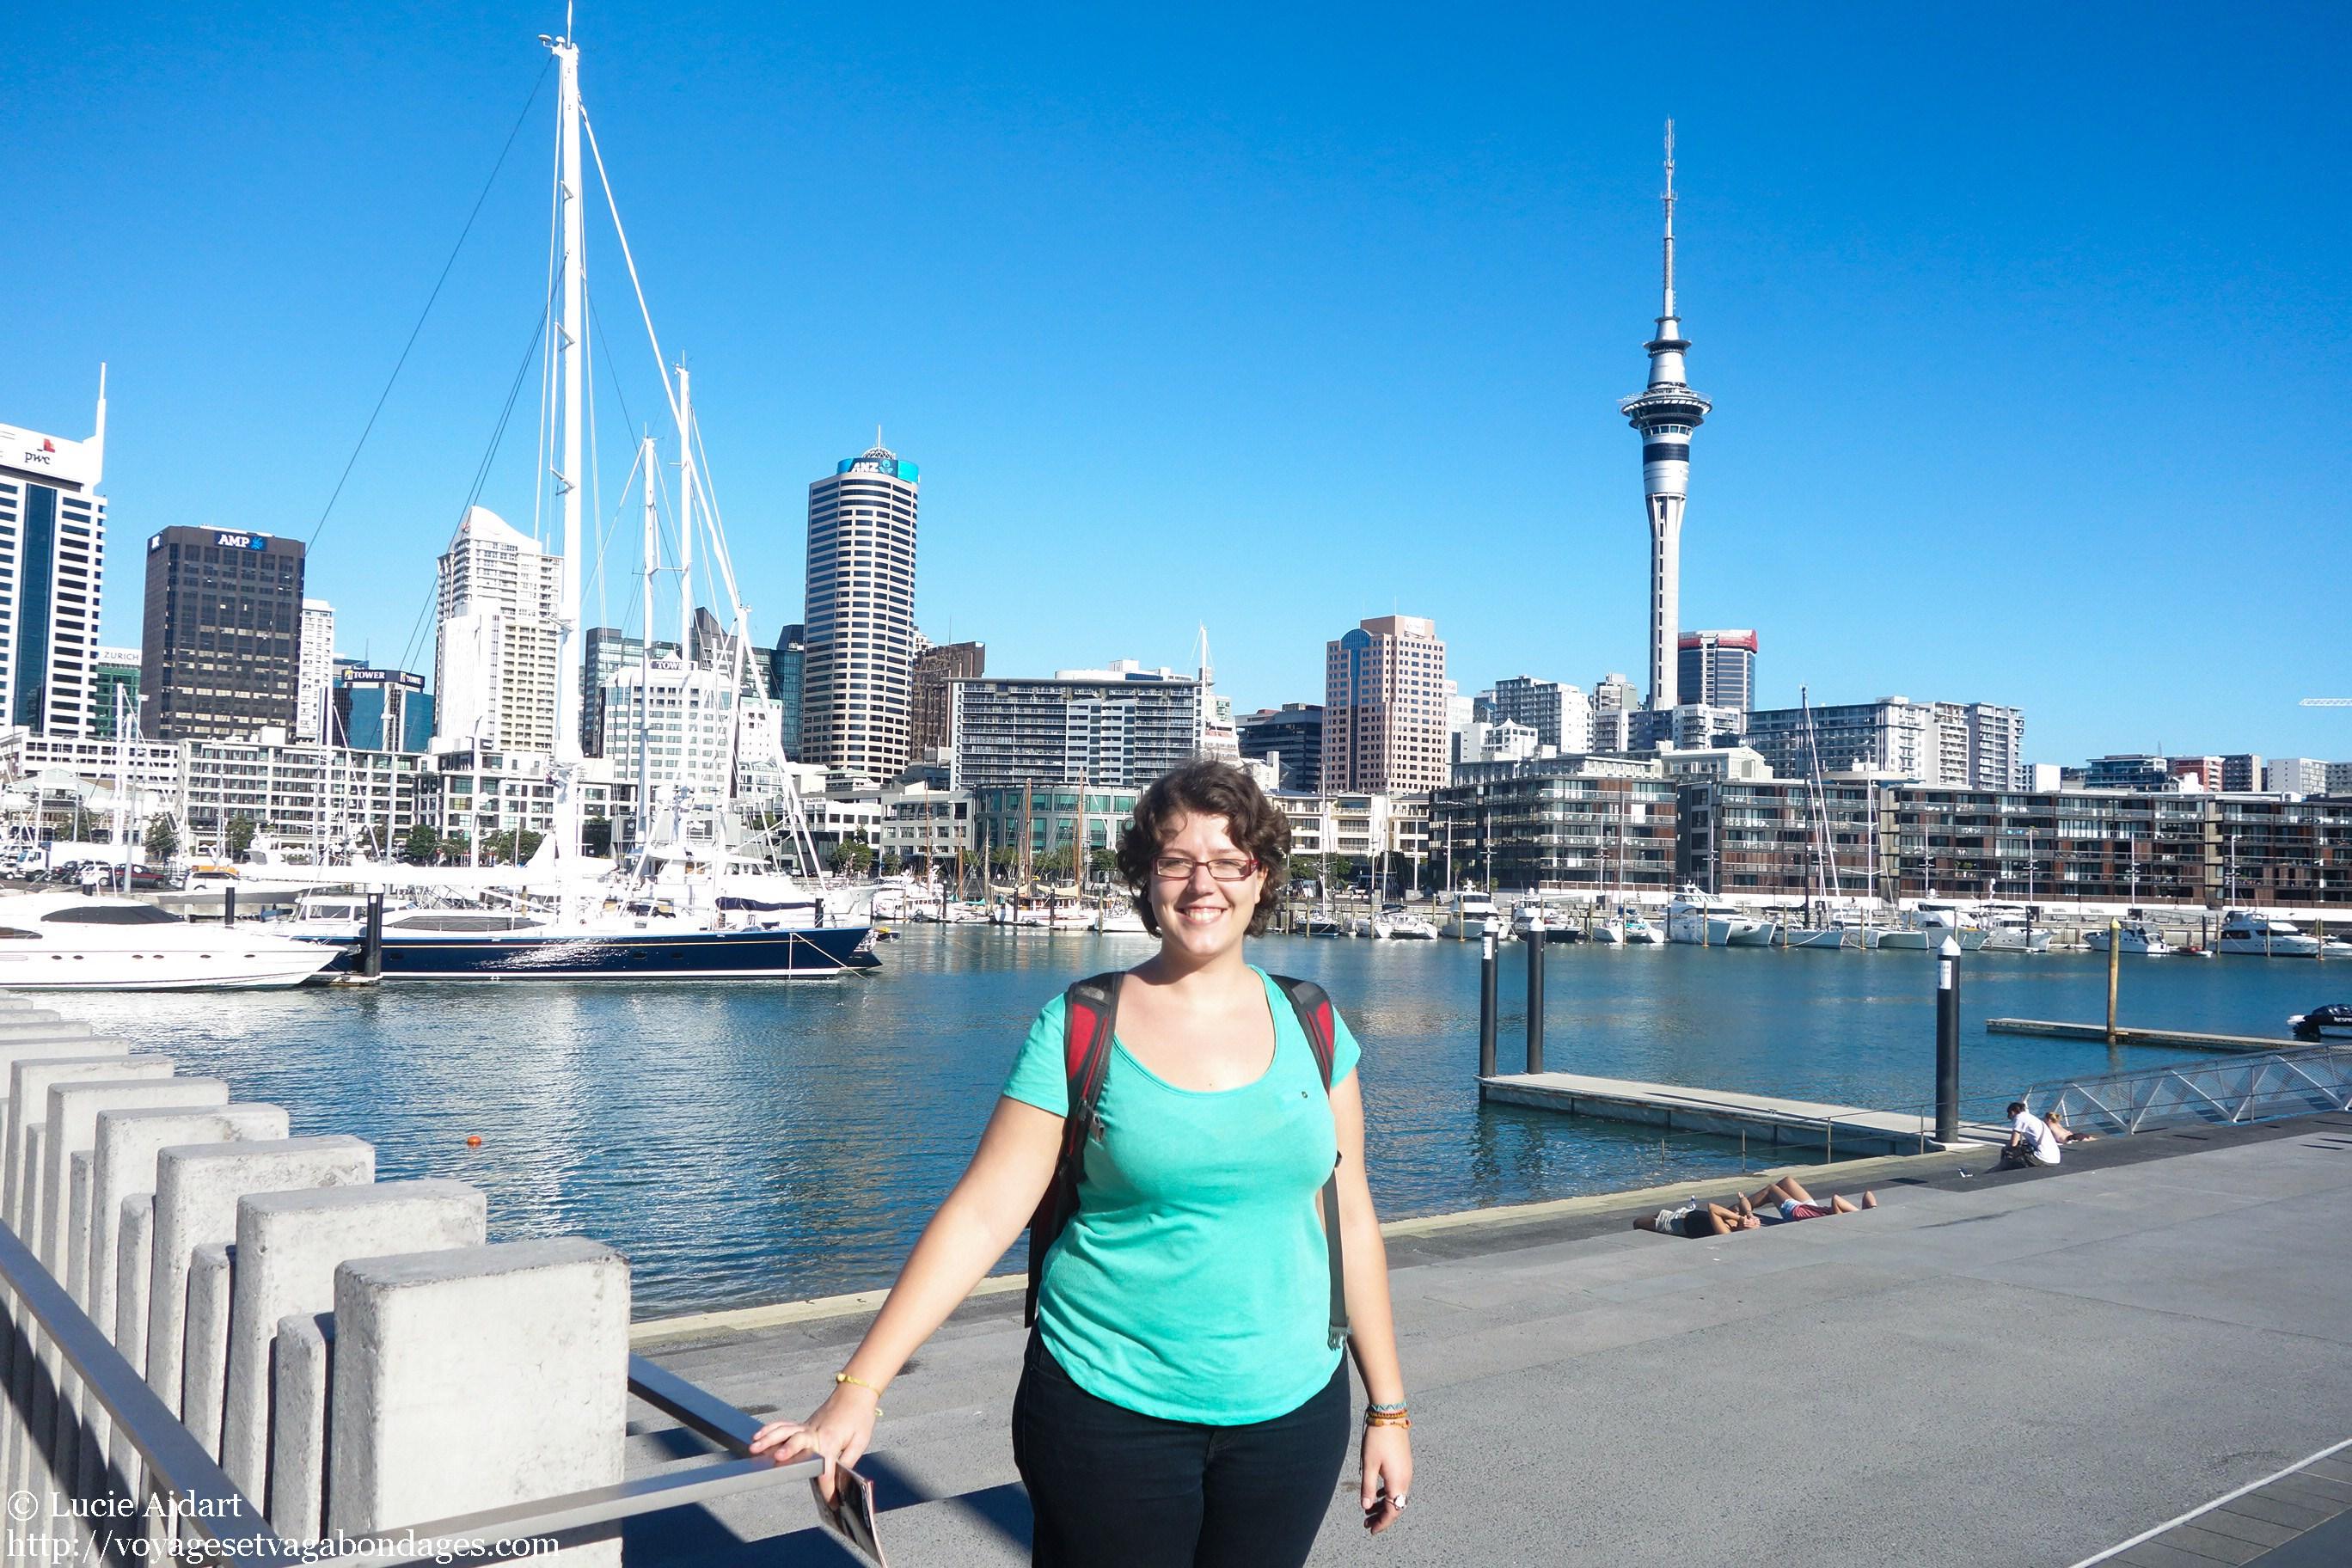 Auckland se situe lintersection du Northland et du reste de lle du nord Site rencontre nz, Un site de rencontre gratuit pour les hommes et les femmes Celilove.